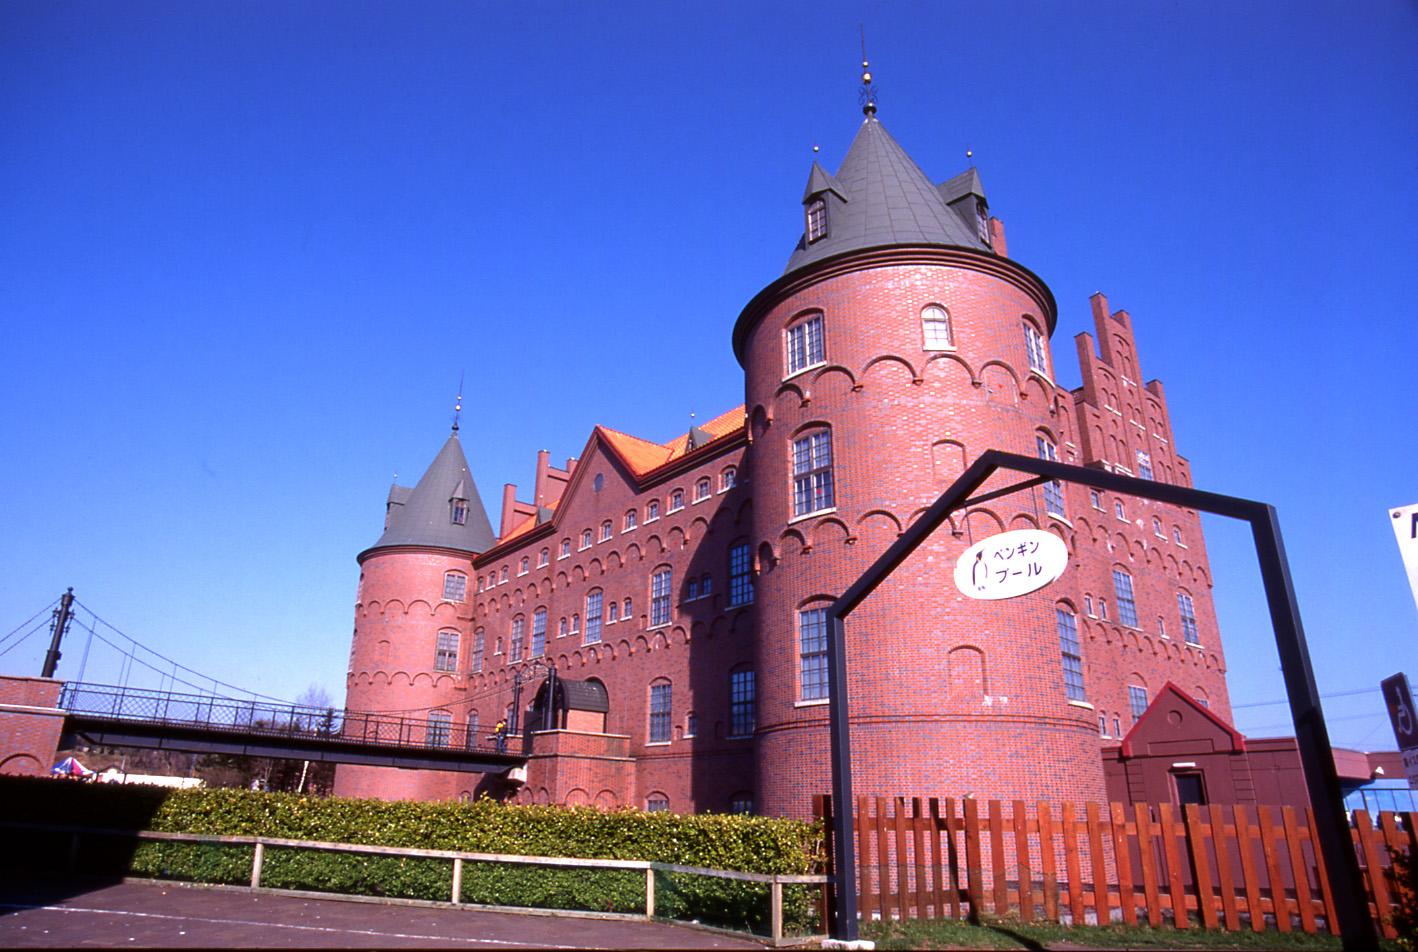 デンマークにある古城がモデルの『ニクス城』